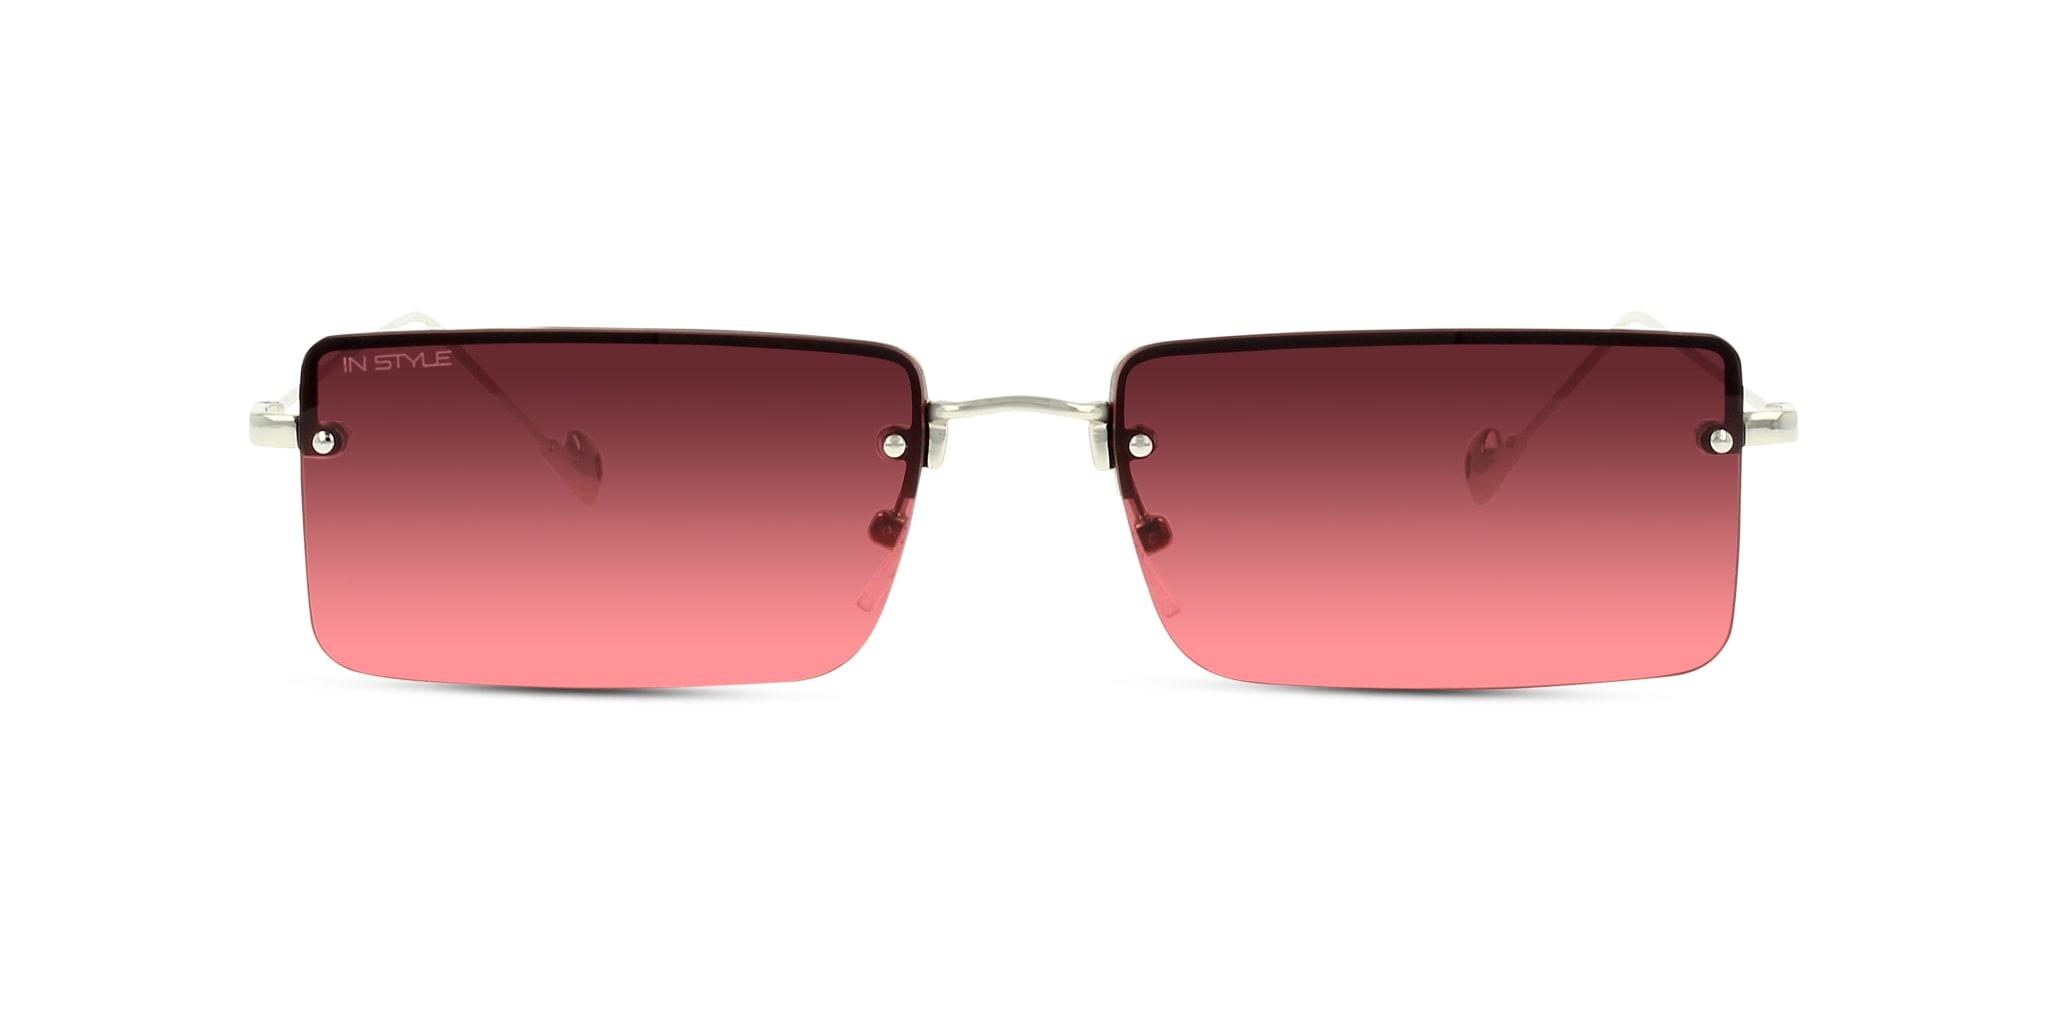 90s forever! Mit unserer Sonnenbrille von IN STYLE (EAN: 8719154510342) feierst du das kultigste Jahrzehnt mit Stil.